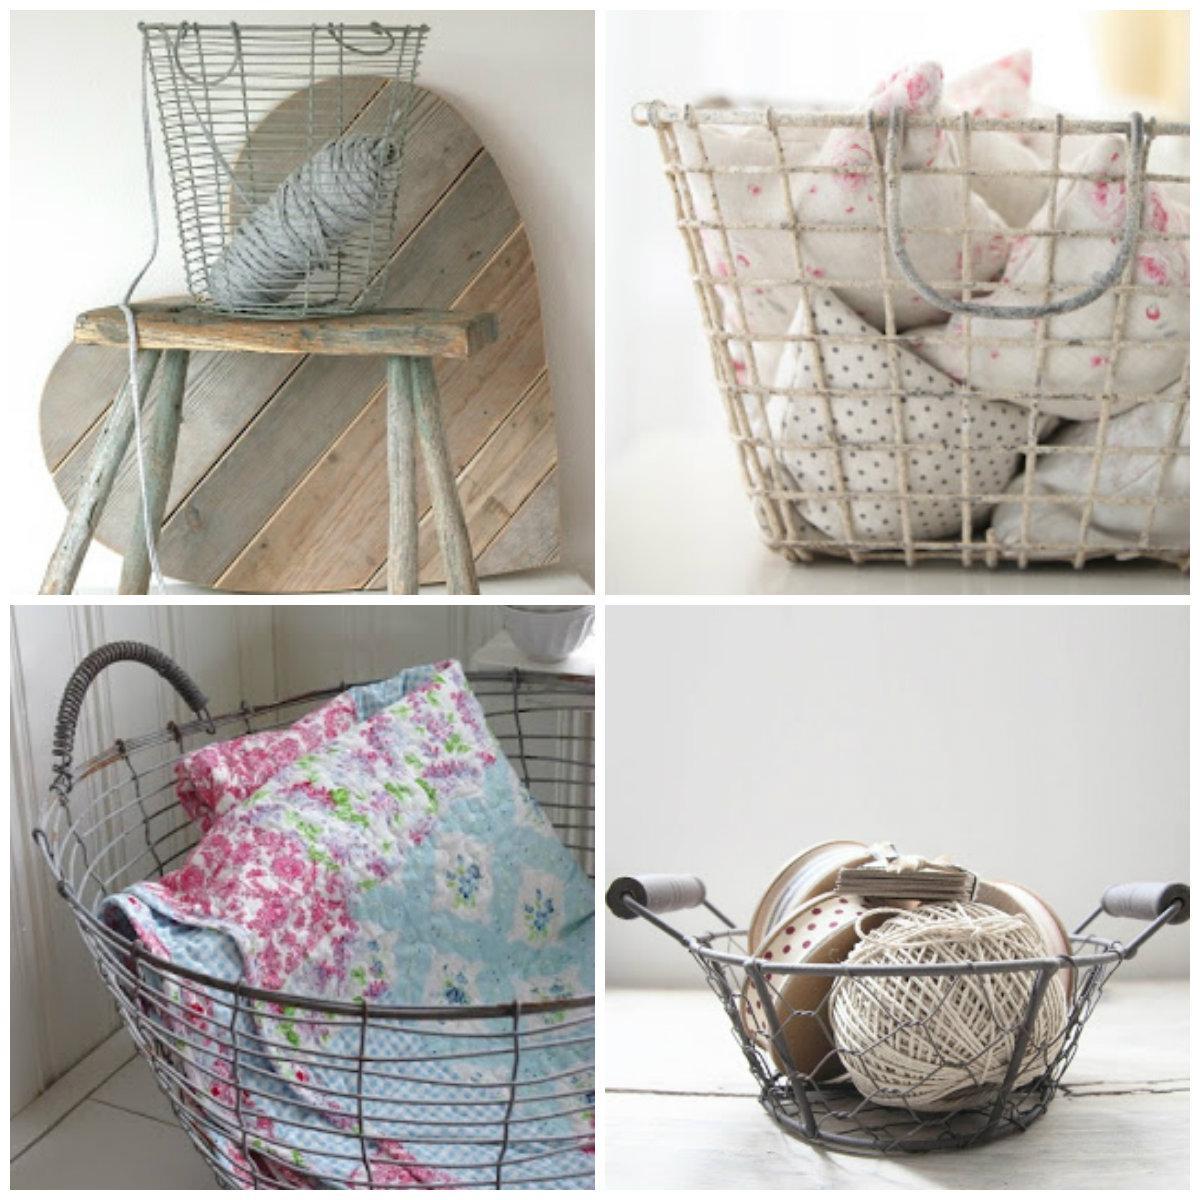 existen cestas de mimbre rattan metal zinc a mi me encantan estas ltimas las cestas de zinc que aportan un toque vintage e industrial a cualquier